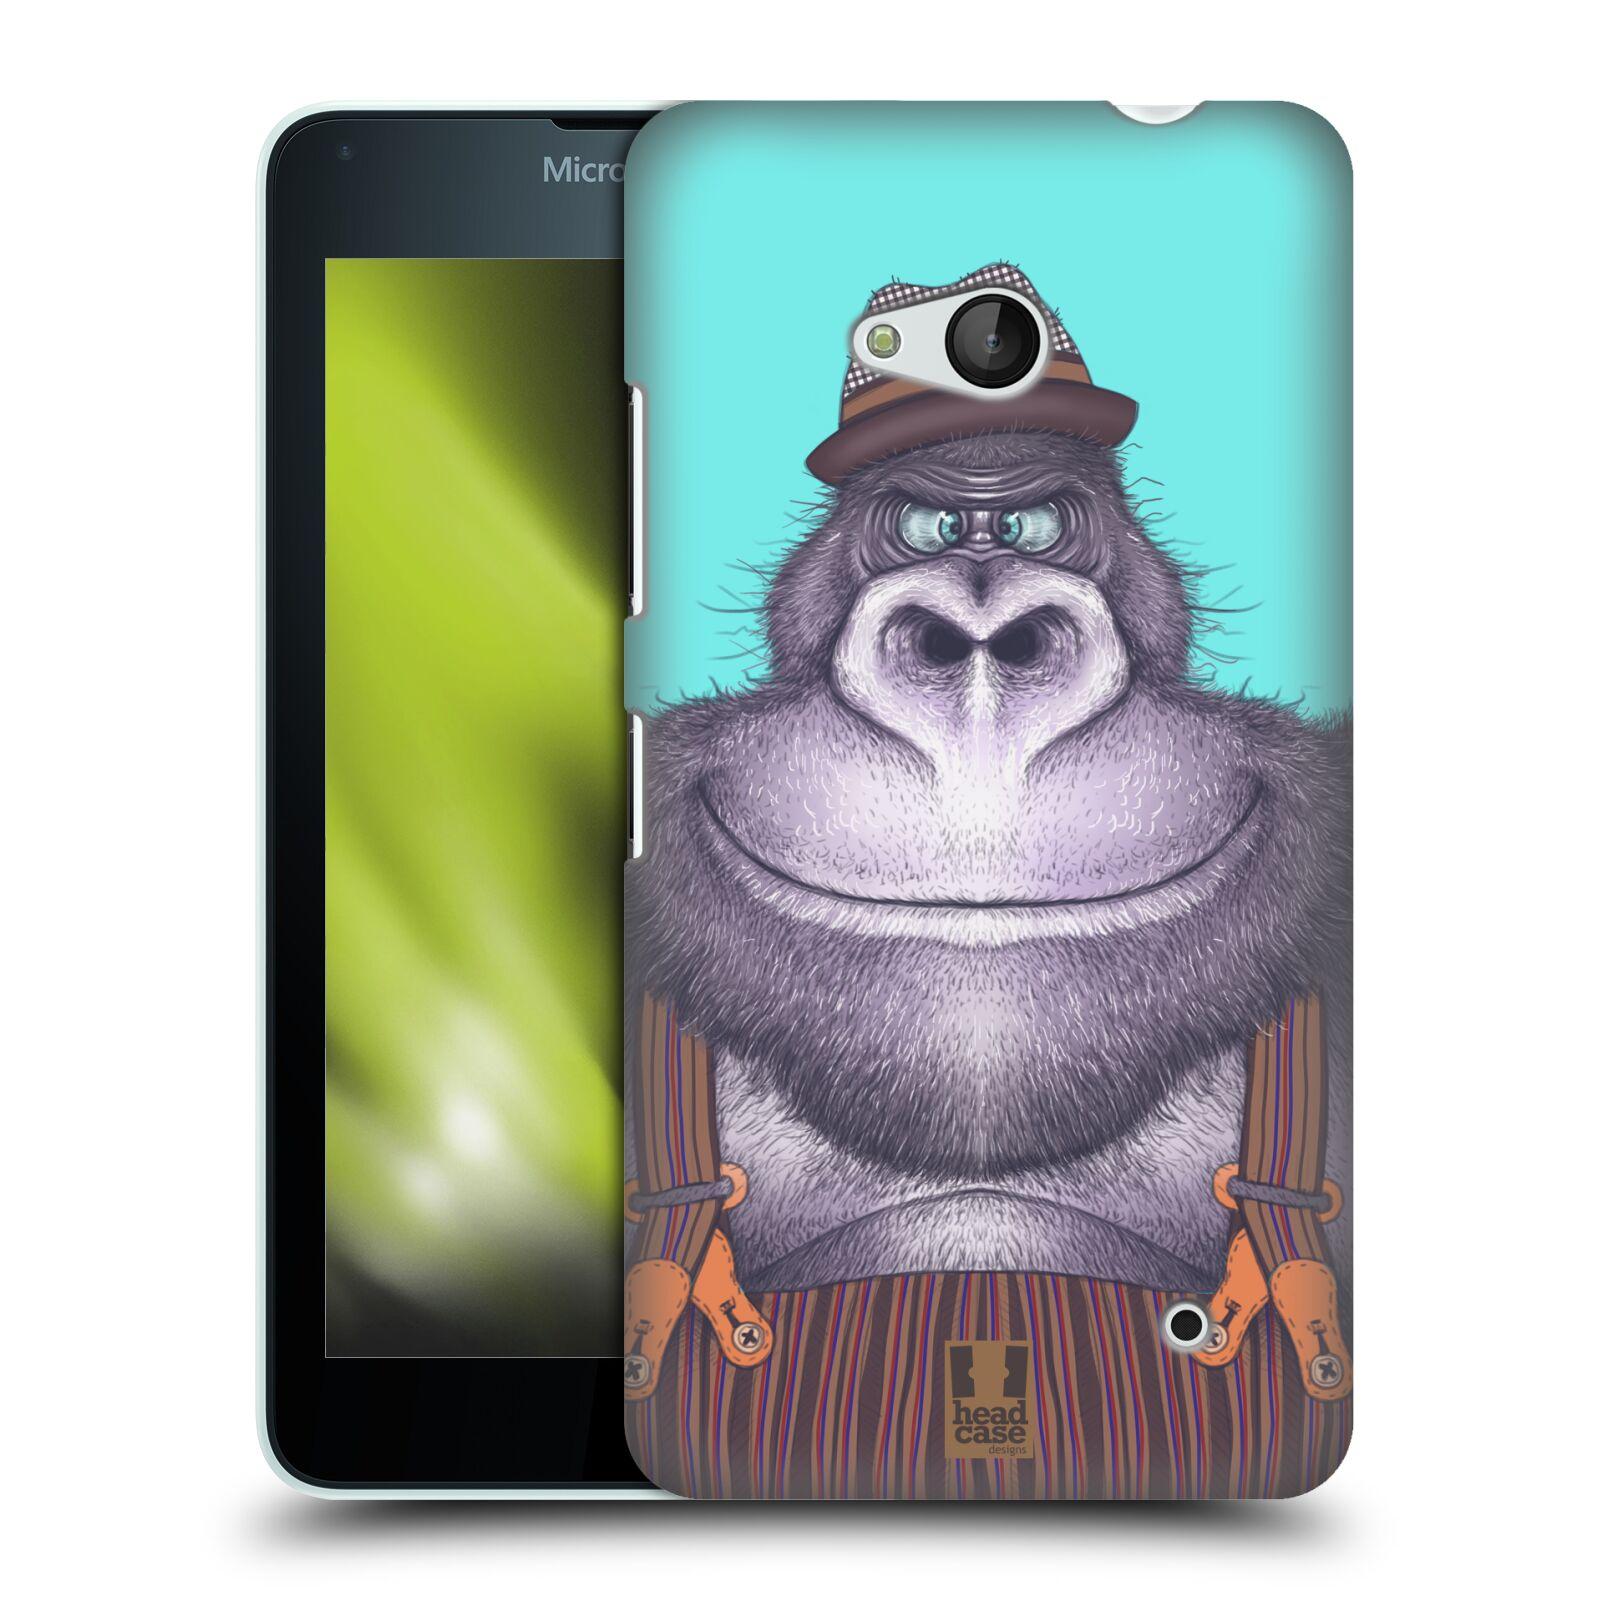 HEAD CASE plastový obal na mobil Nokia Lumia 640 vzor Kreslená zvířátka gorila